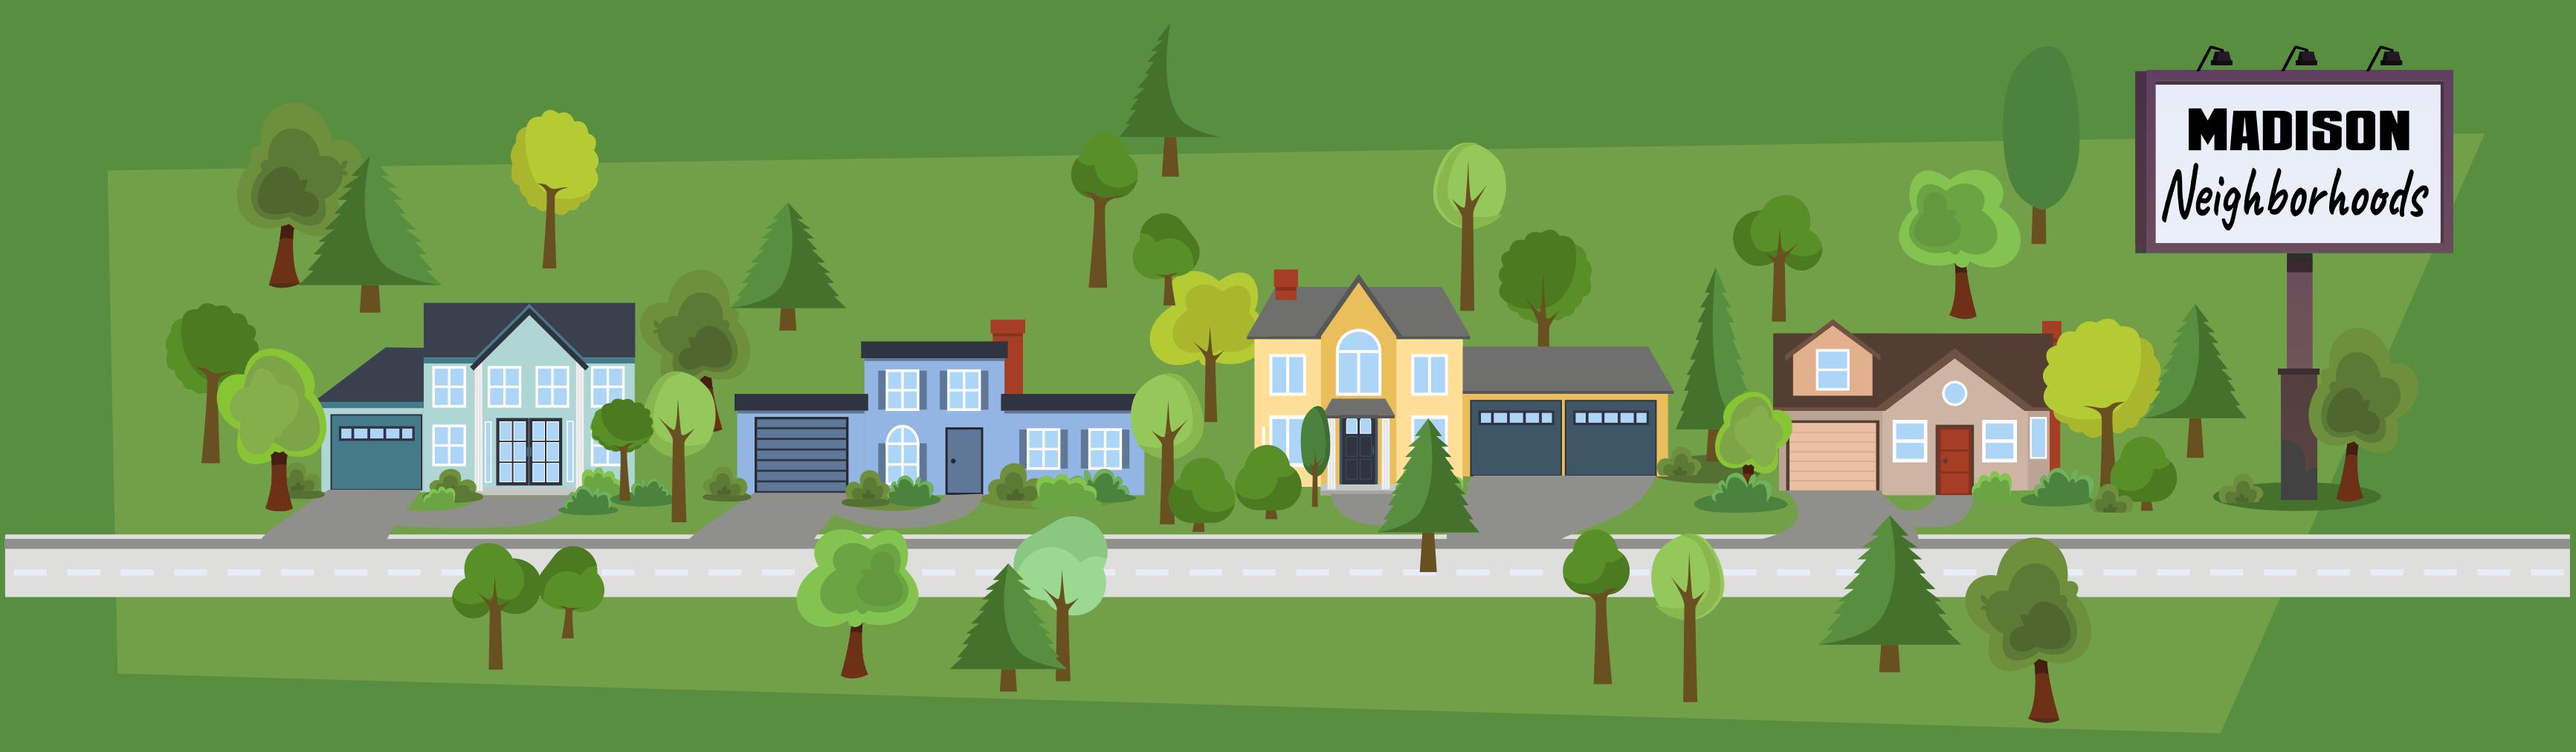 The Neighborhoods of Madison, Wisconsin